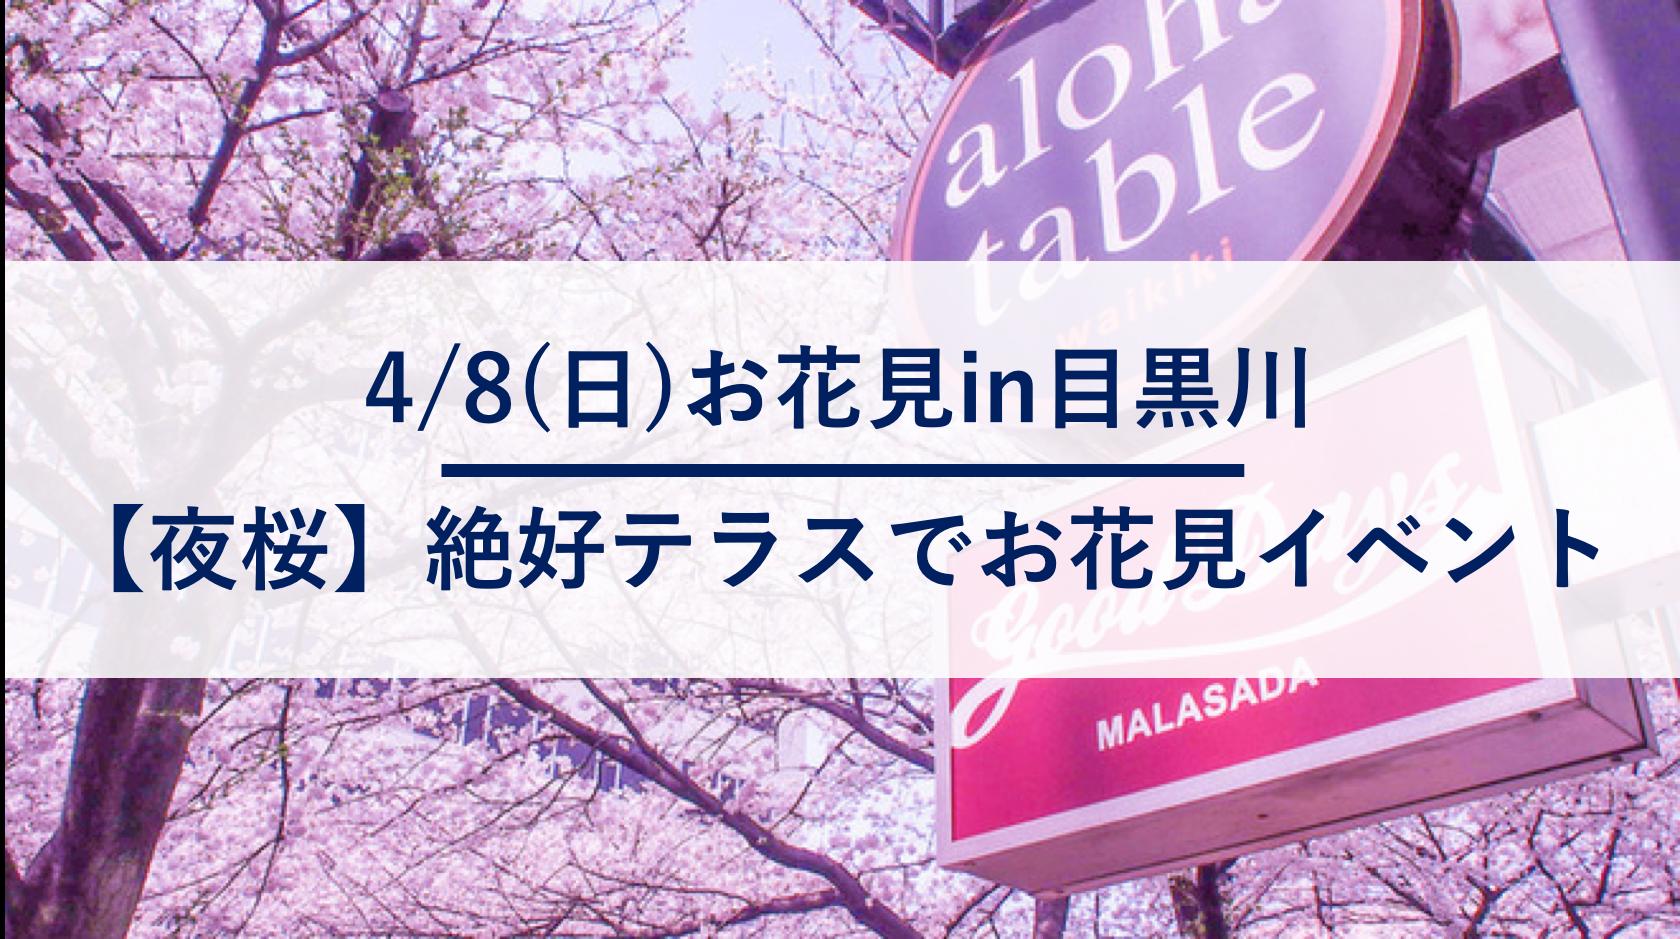 4/8(日)目黒川沿い素敵テラスお花見イベントのご案内(終了)